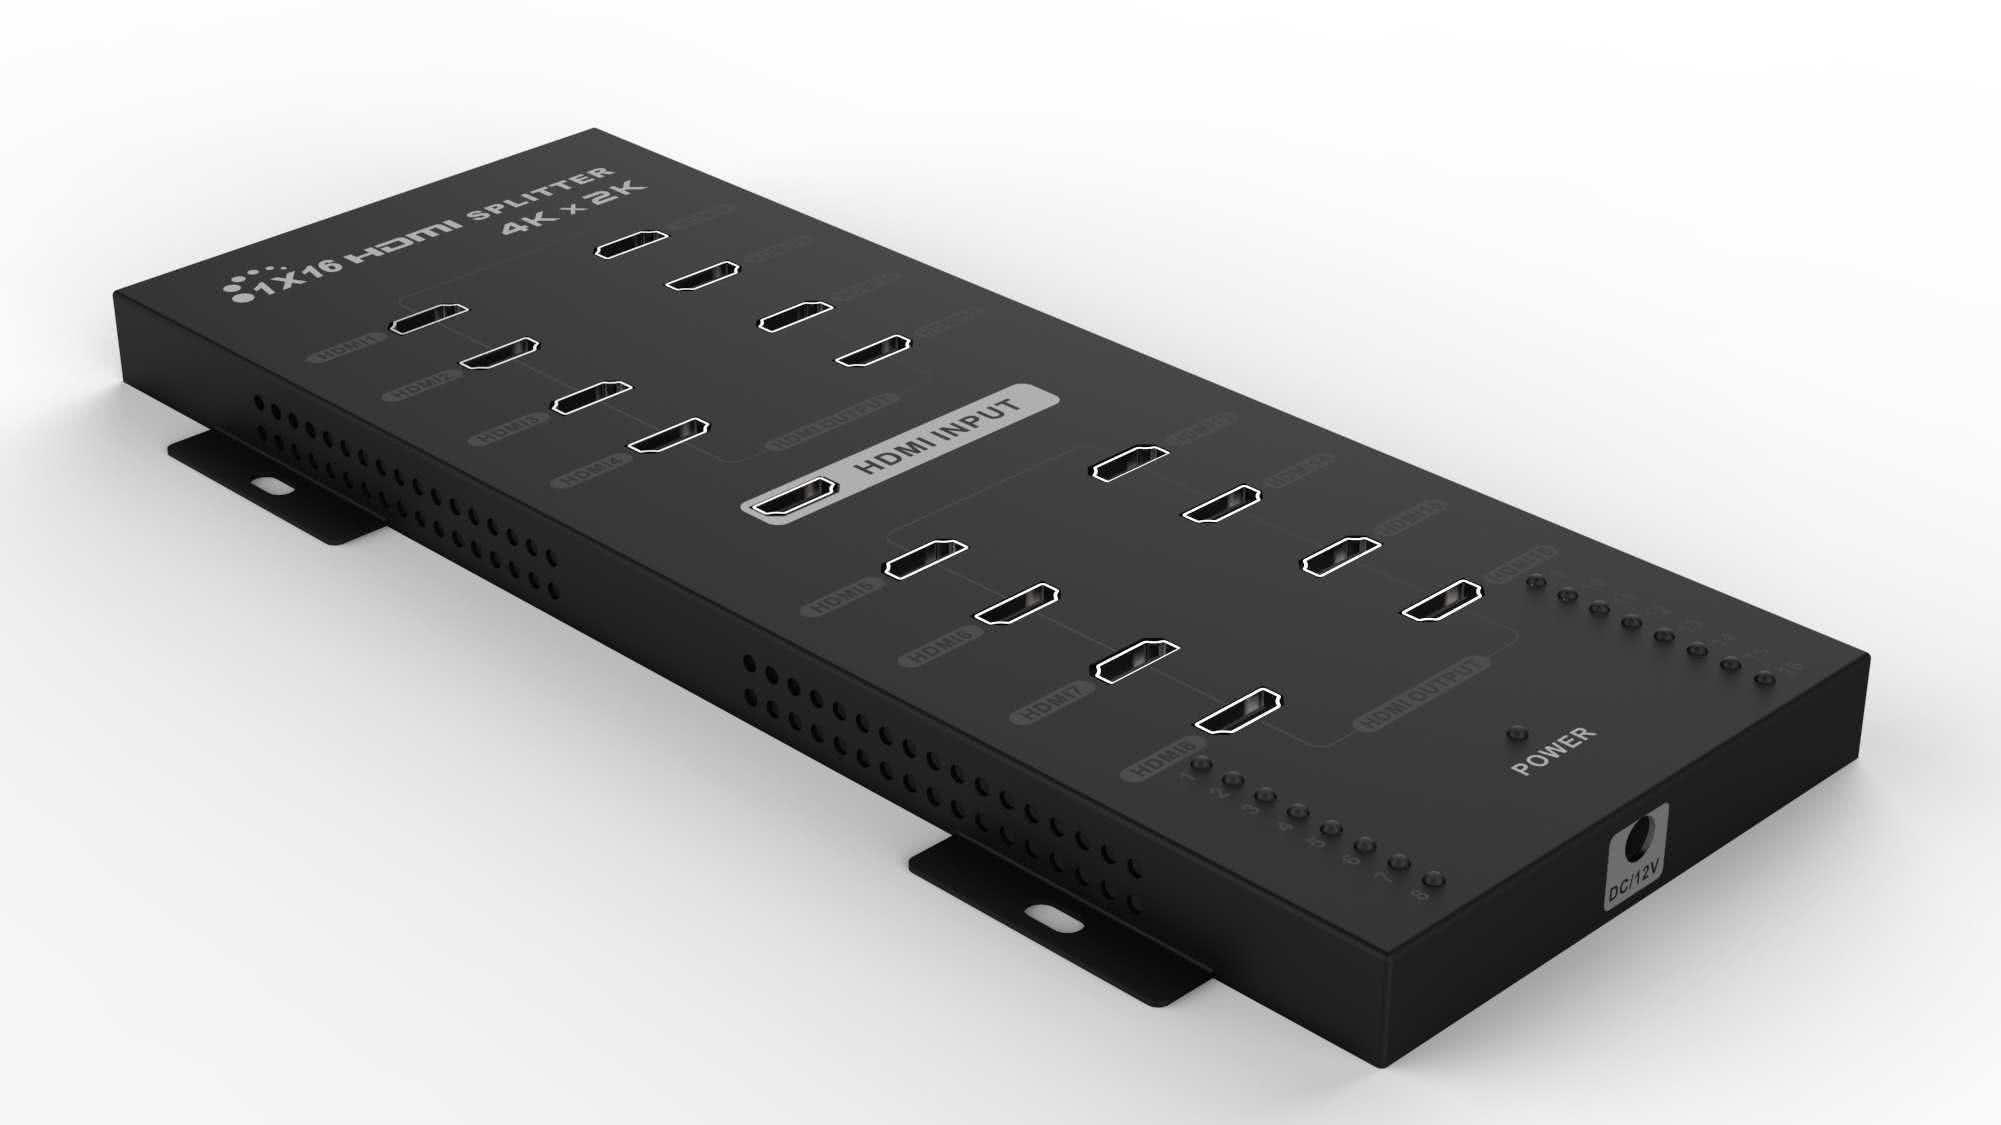 4K x 2K UltraHD (uHD) wall mountable HDMI 1x16 Splitter (16 outputs), 3D, HDMI v1.4 - Up to 3840 x 2160 Resolution